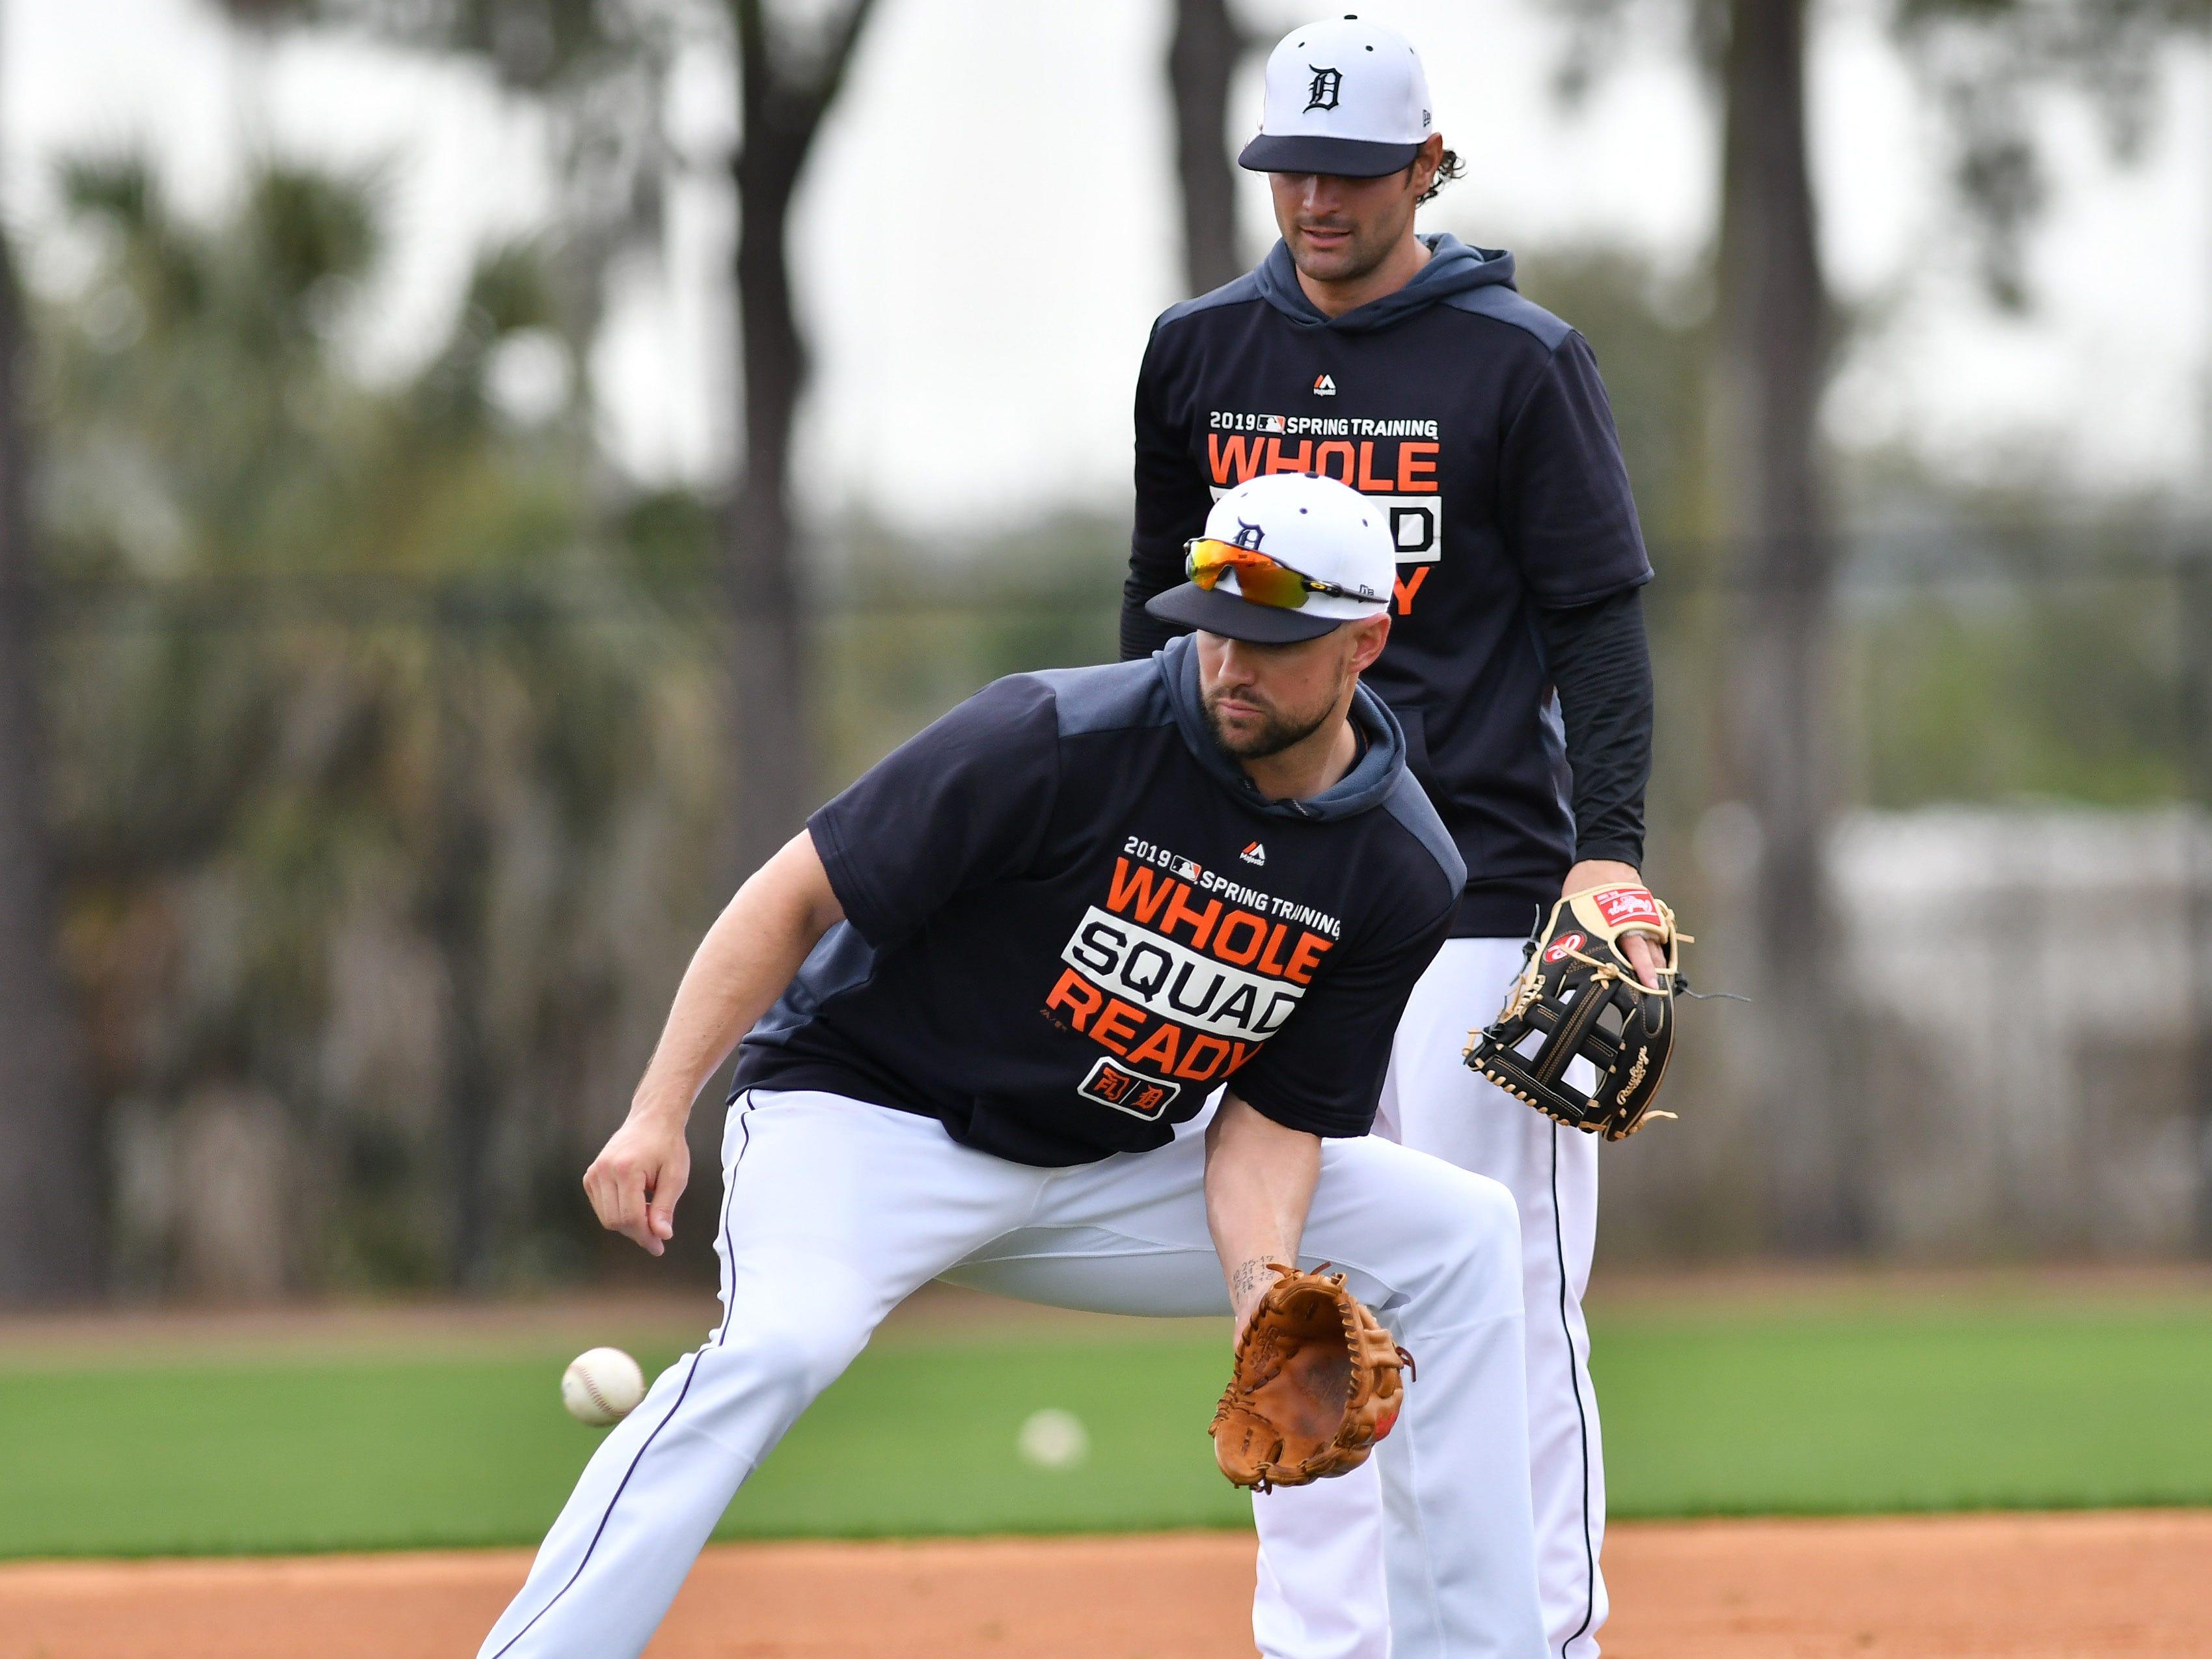 Tigers shortstop Jordy Mercer fields a grounder in front of Pete Kozma.